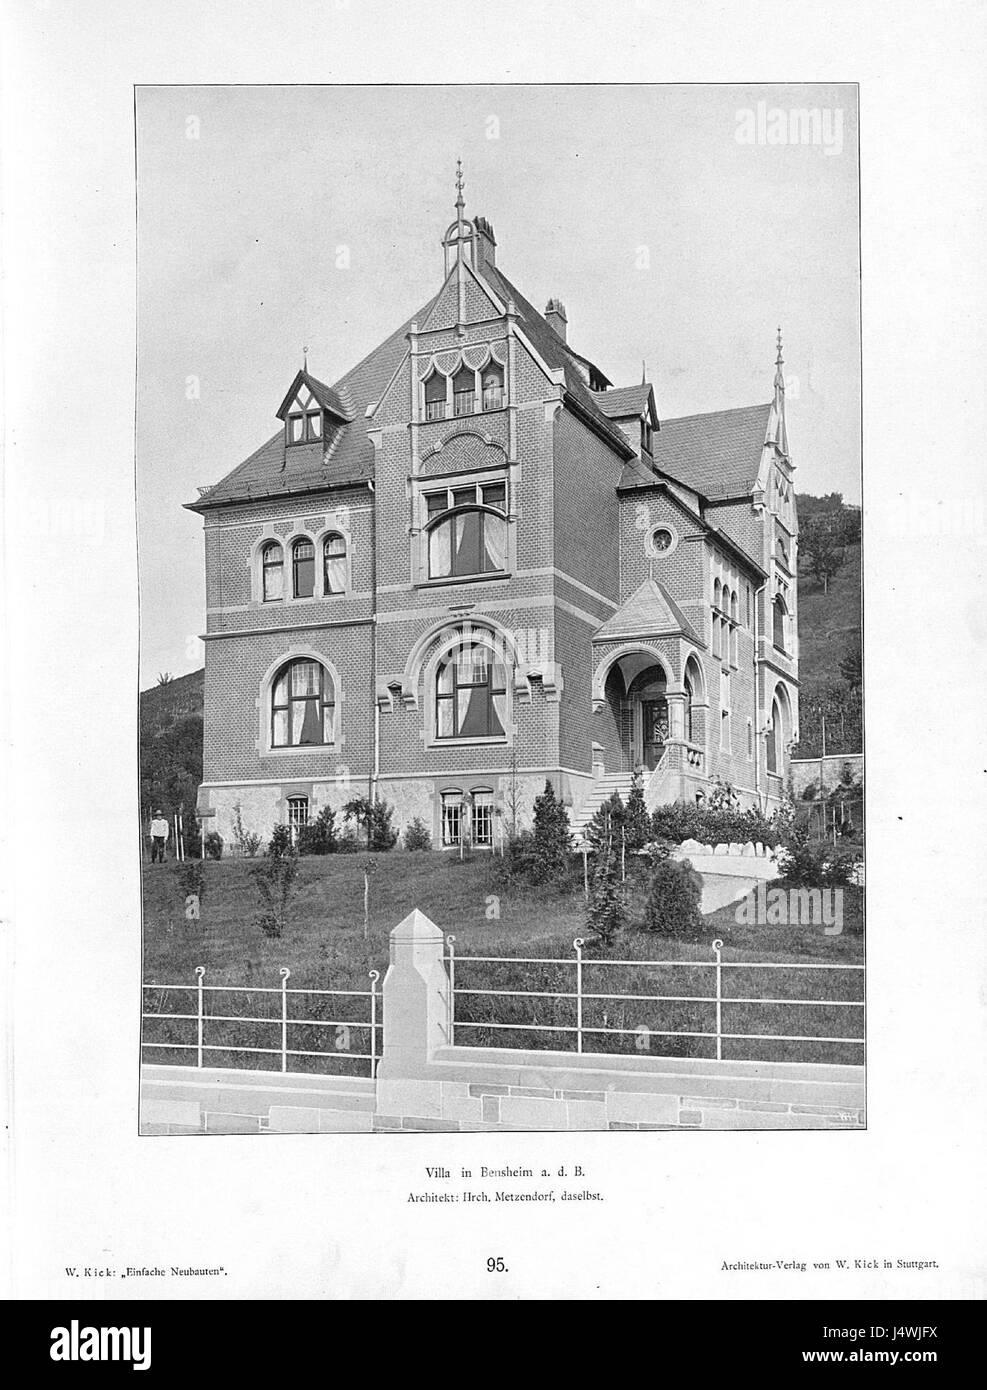 Architekt Bensheim villa in bensheim a.d.b, architekt hrch. metzendorf aus bensheim